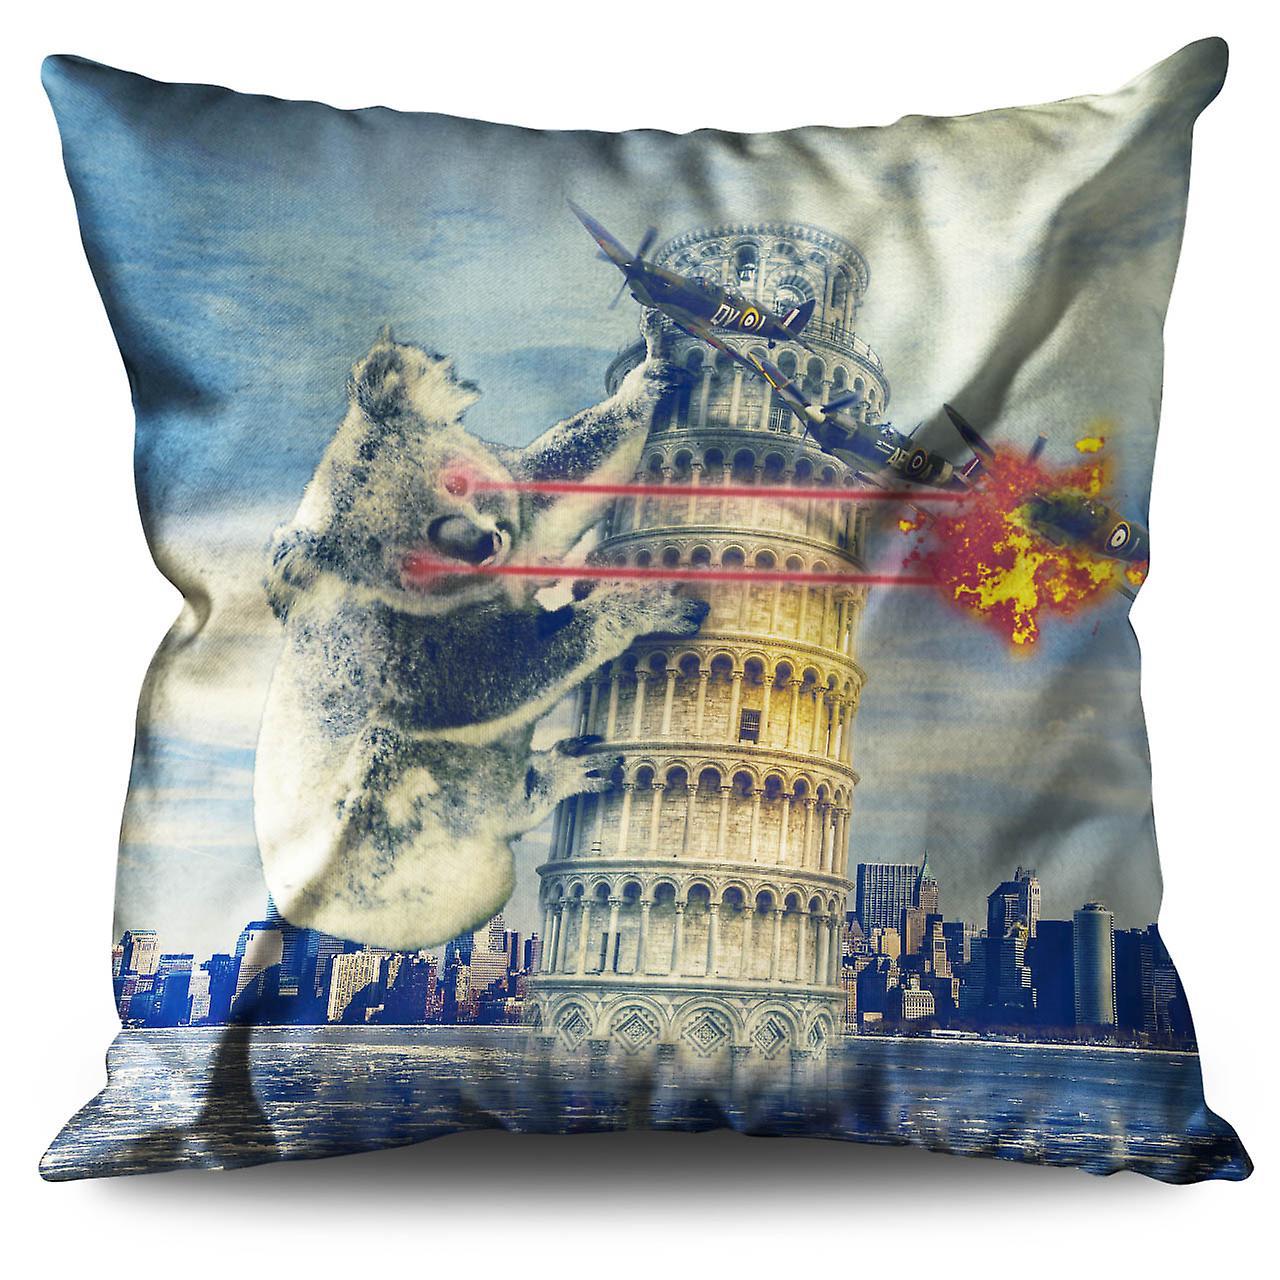 Full Size of Bettwäsche Lustig Turm Von Pisa Italien Lustige Bettwsche Kissen 30 Cm Sprüche T Shirt T Shirt Wohnzimmer Bettwäsche Lustig